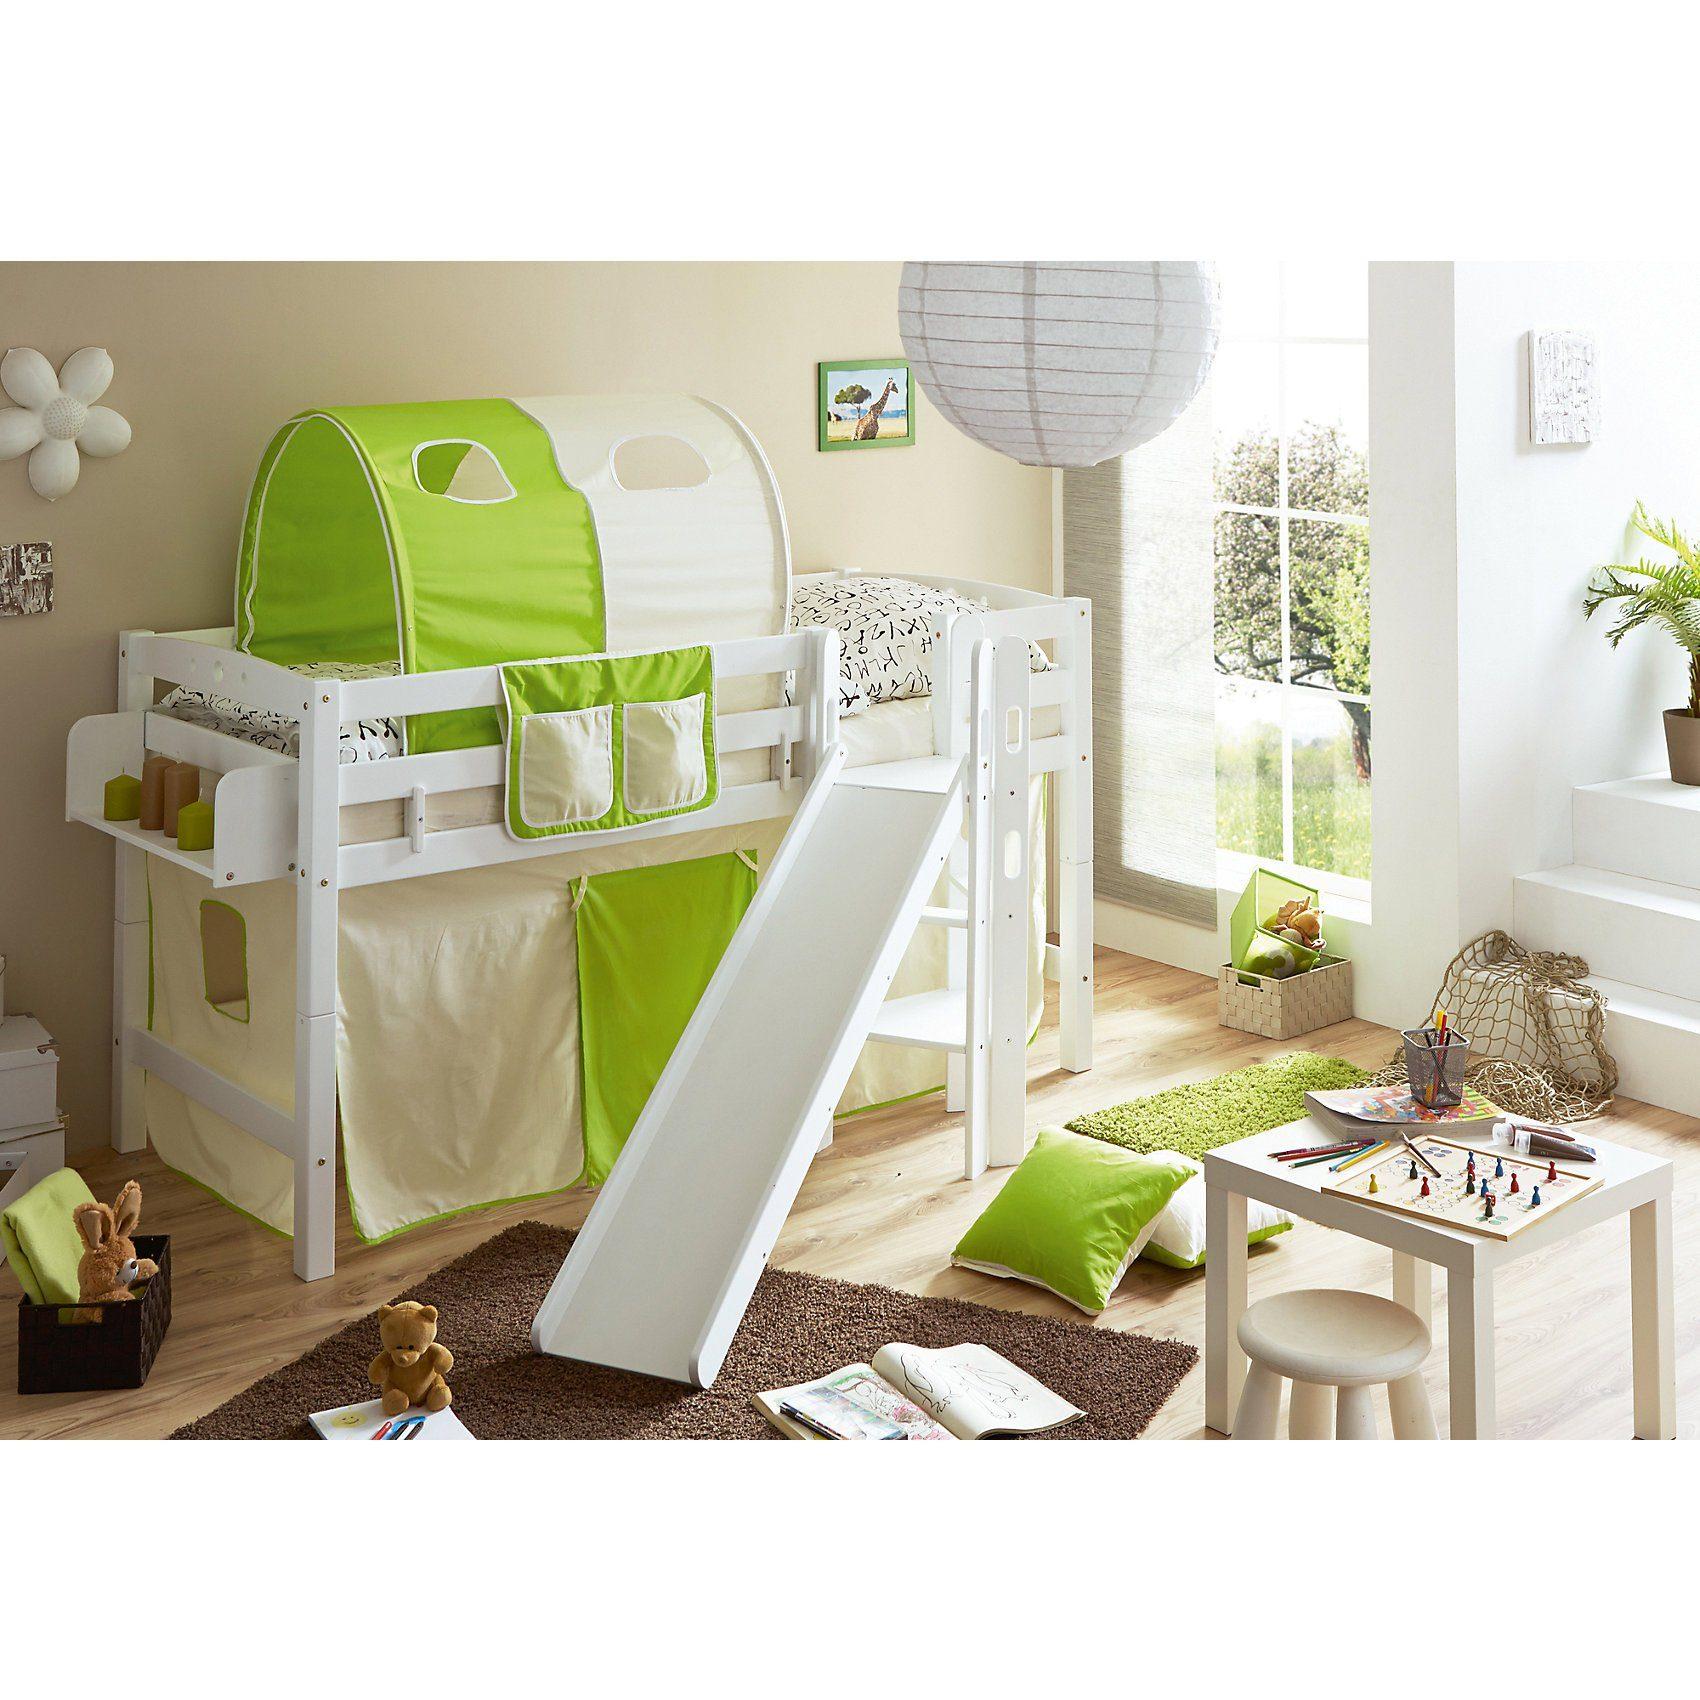 TICAA Spielbett Tino, Buche massiv, weiß lackiert, beige-grün, 90